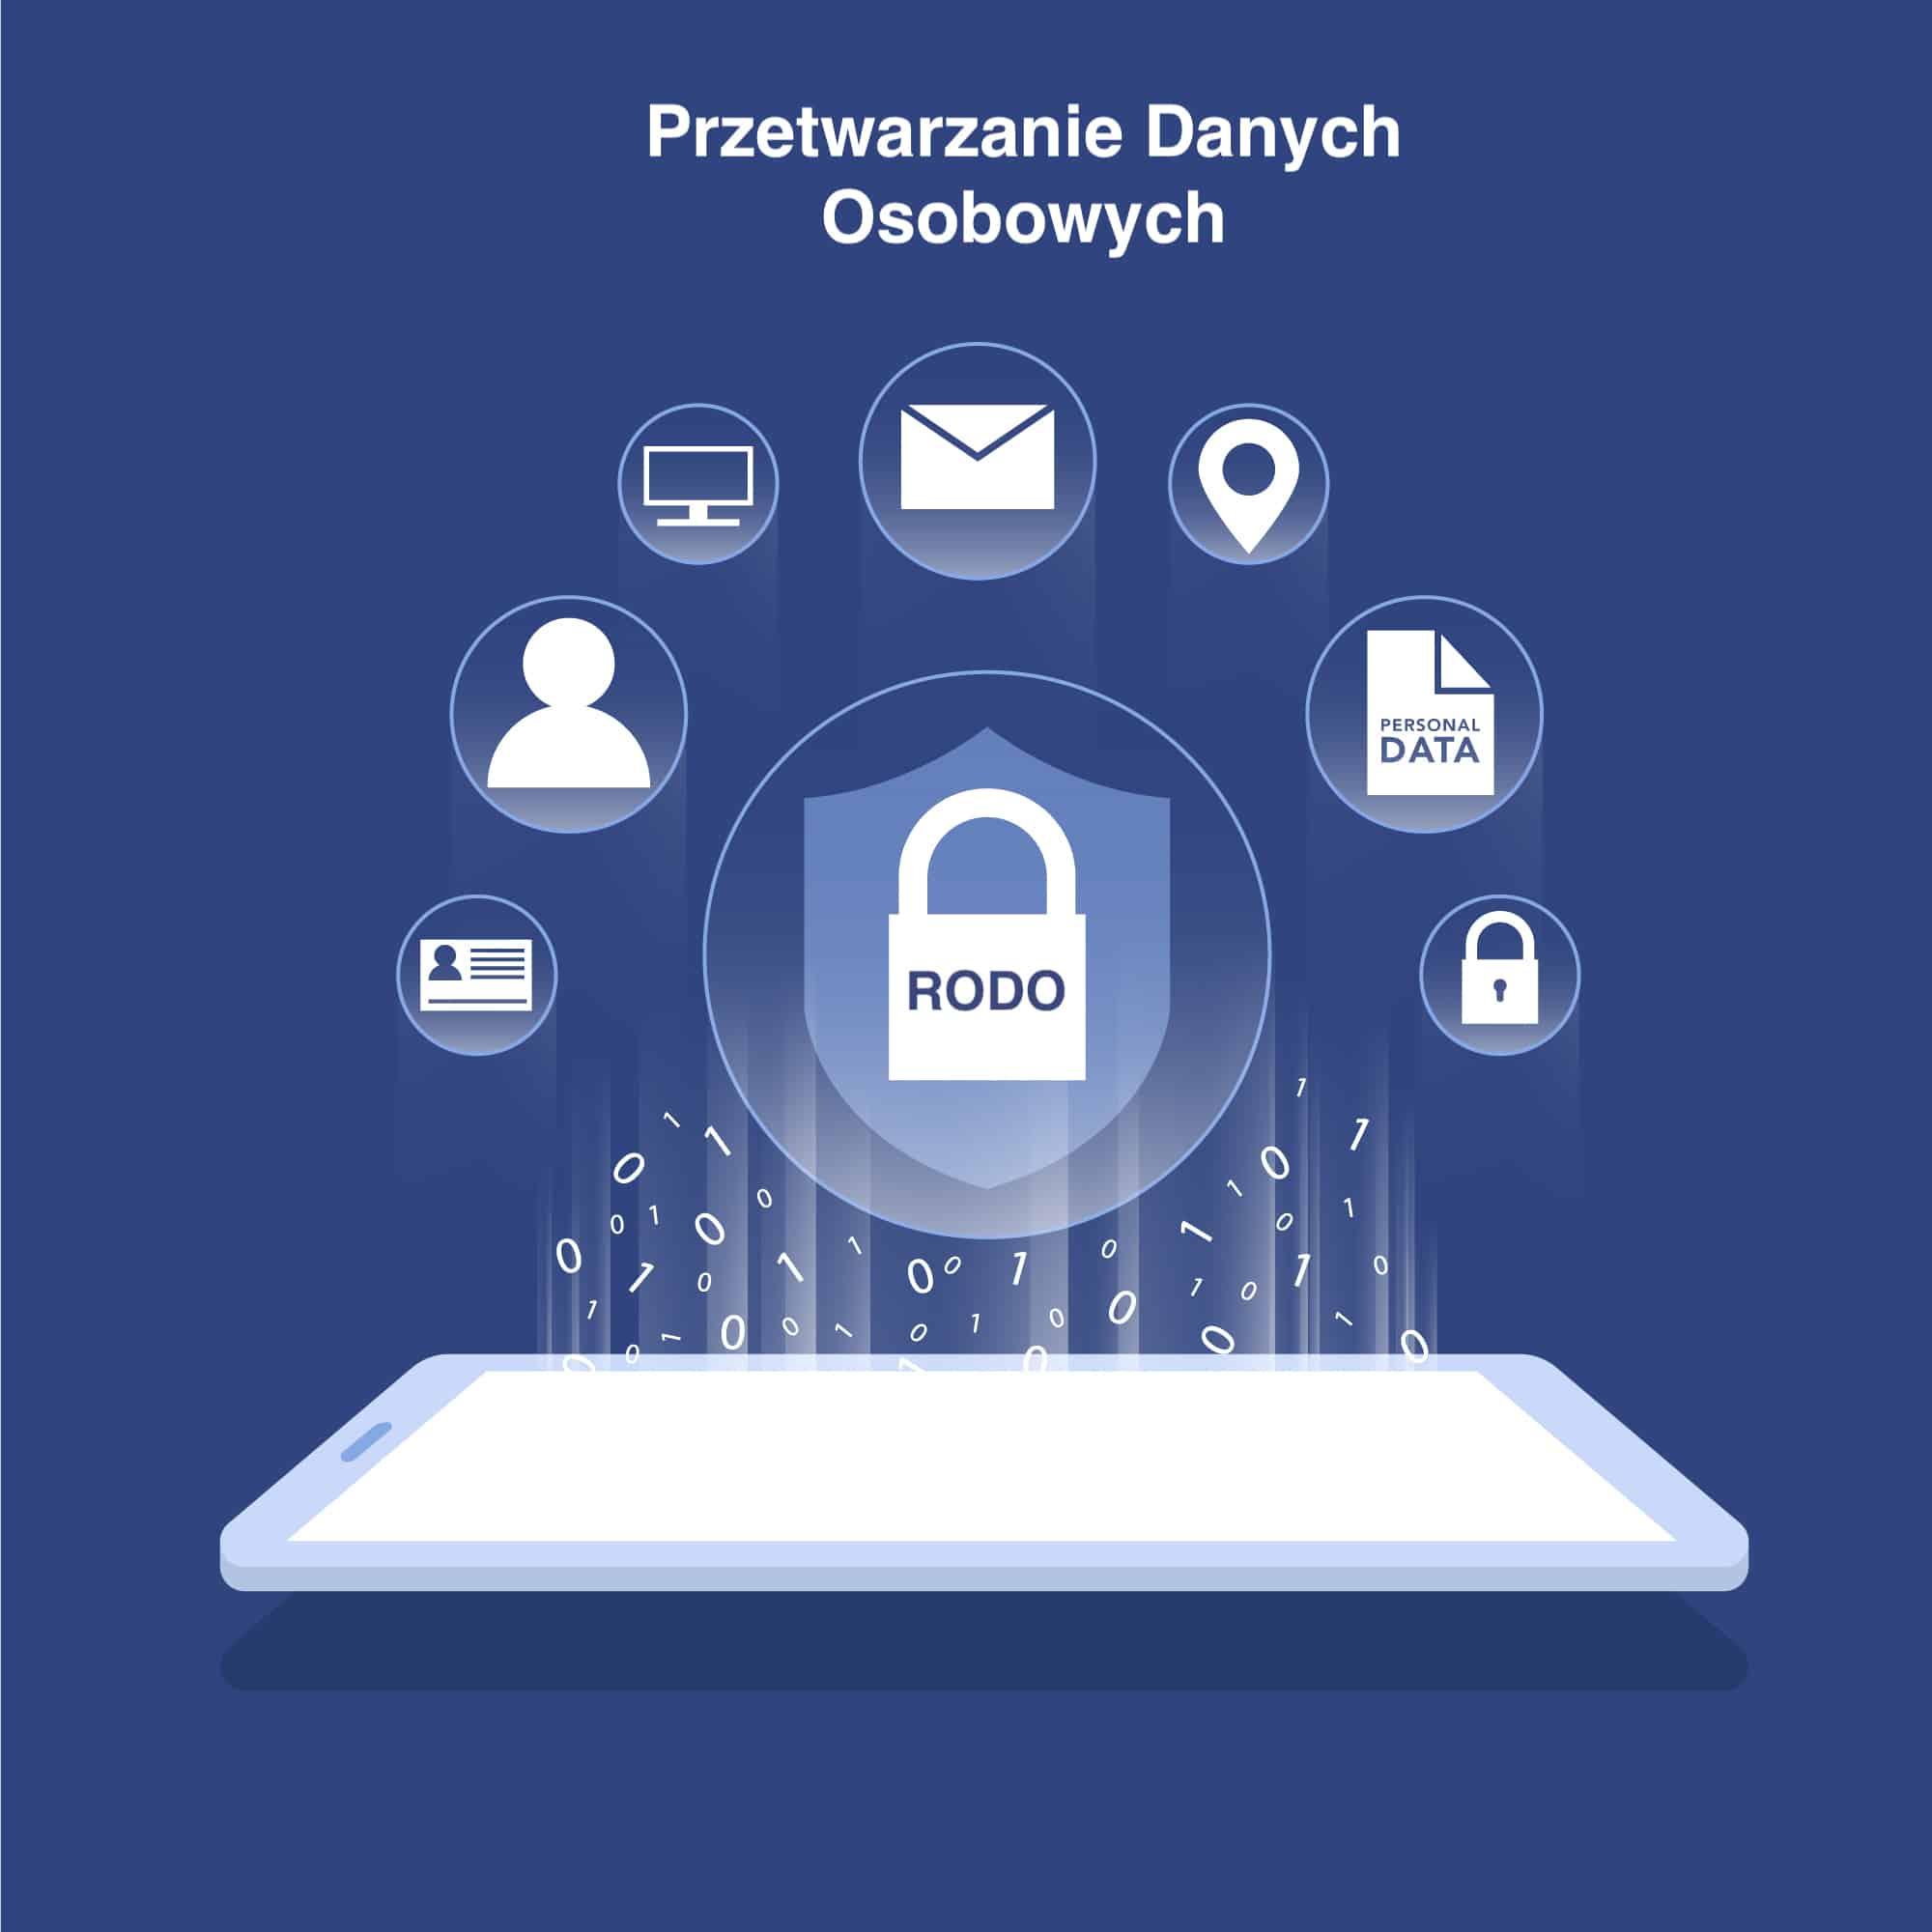 Czym są dane osobowe i jak zadbać o ich bezpieczeństwo - najważniejsze informacje!